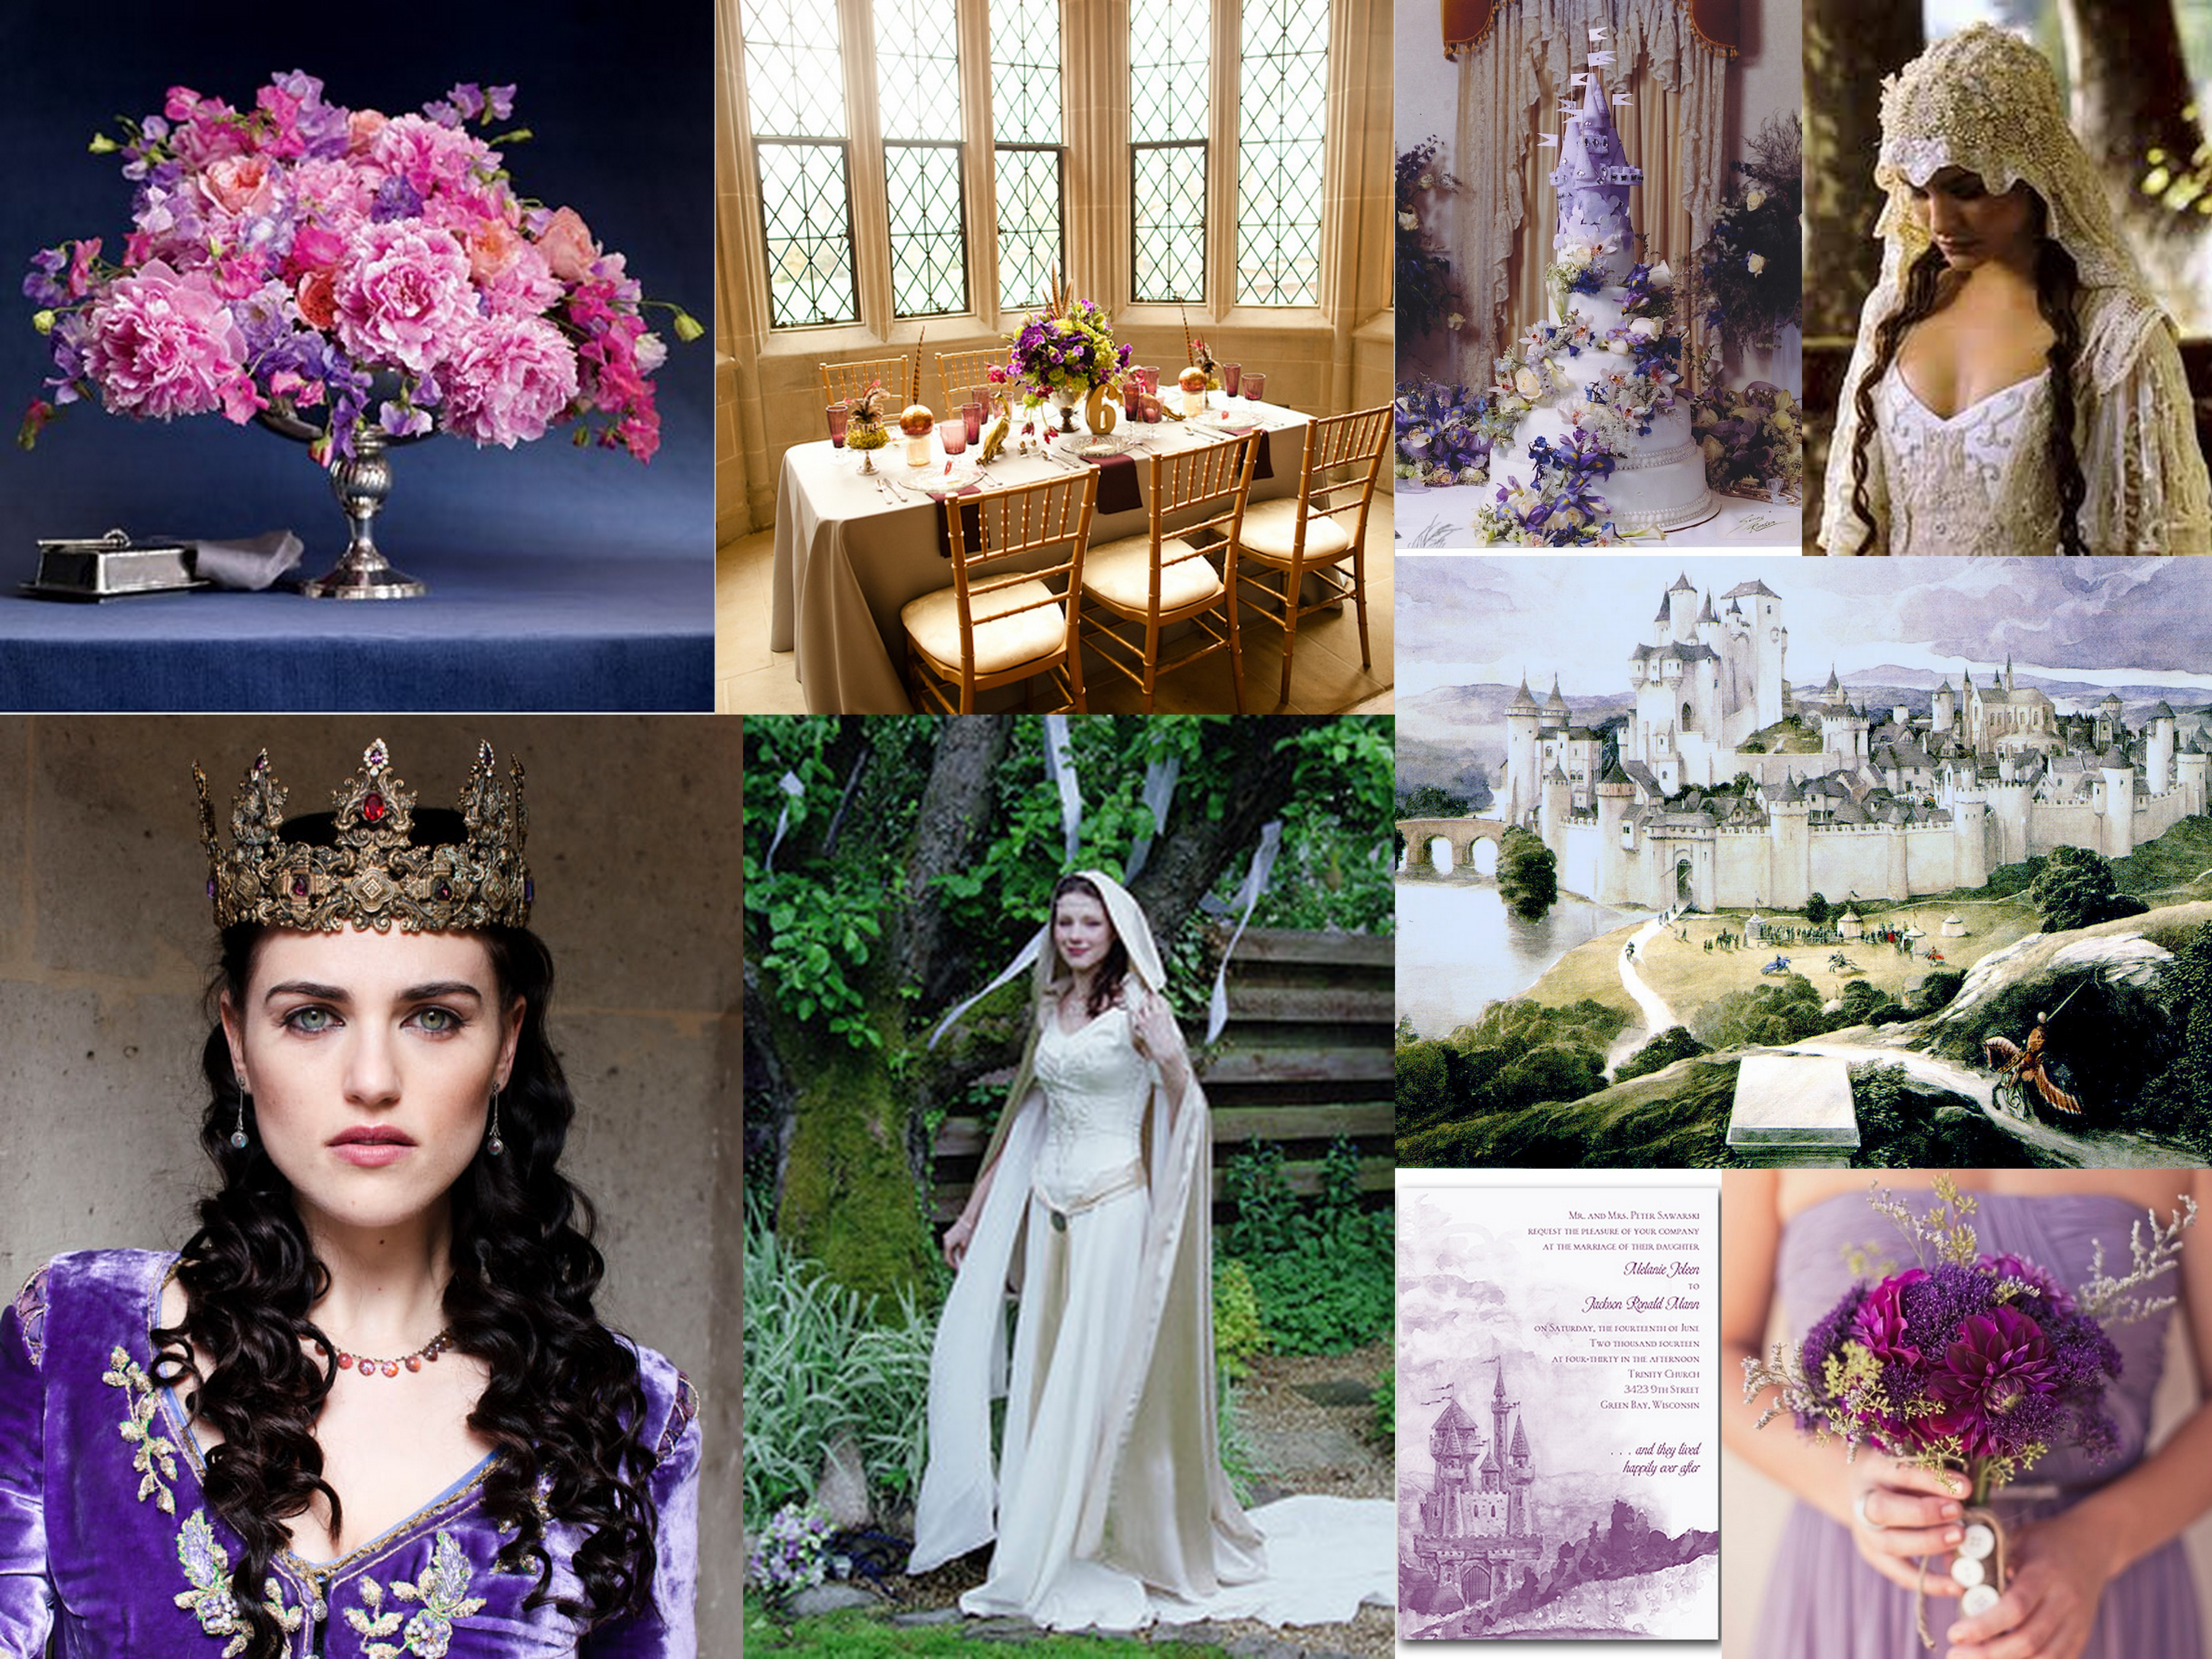 Merlin Wedding Inspiration Fantastical Wedding Stylings